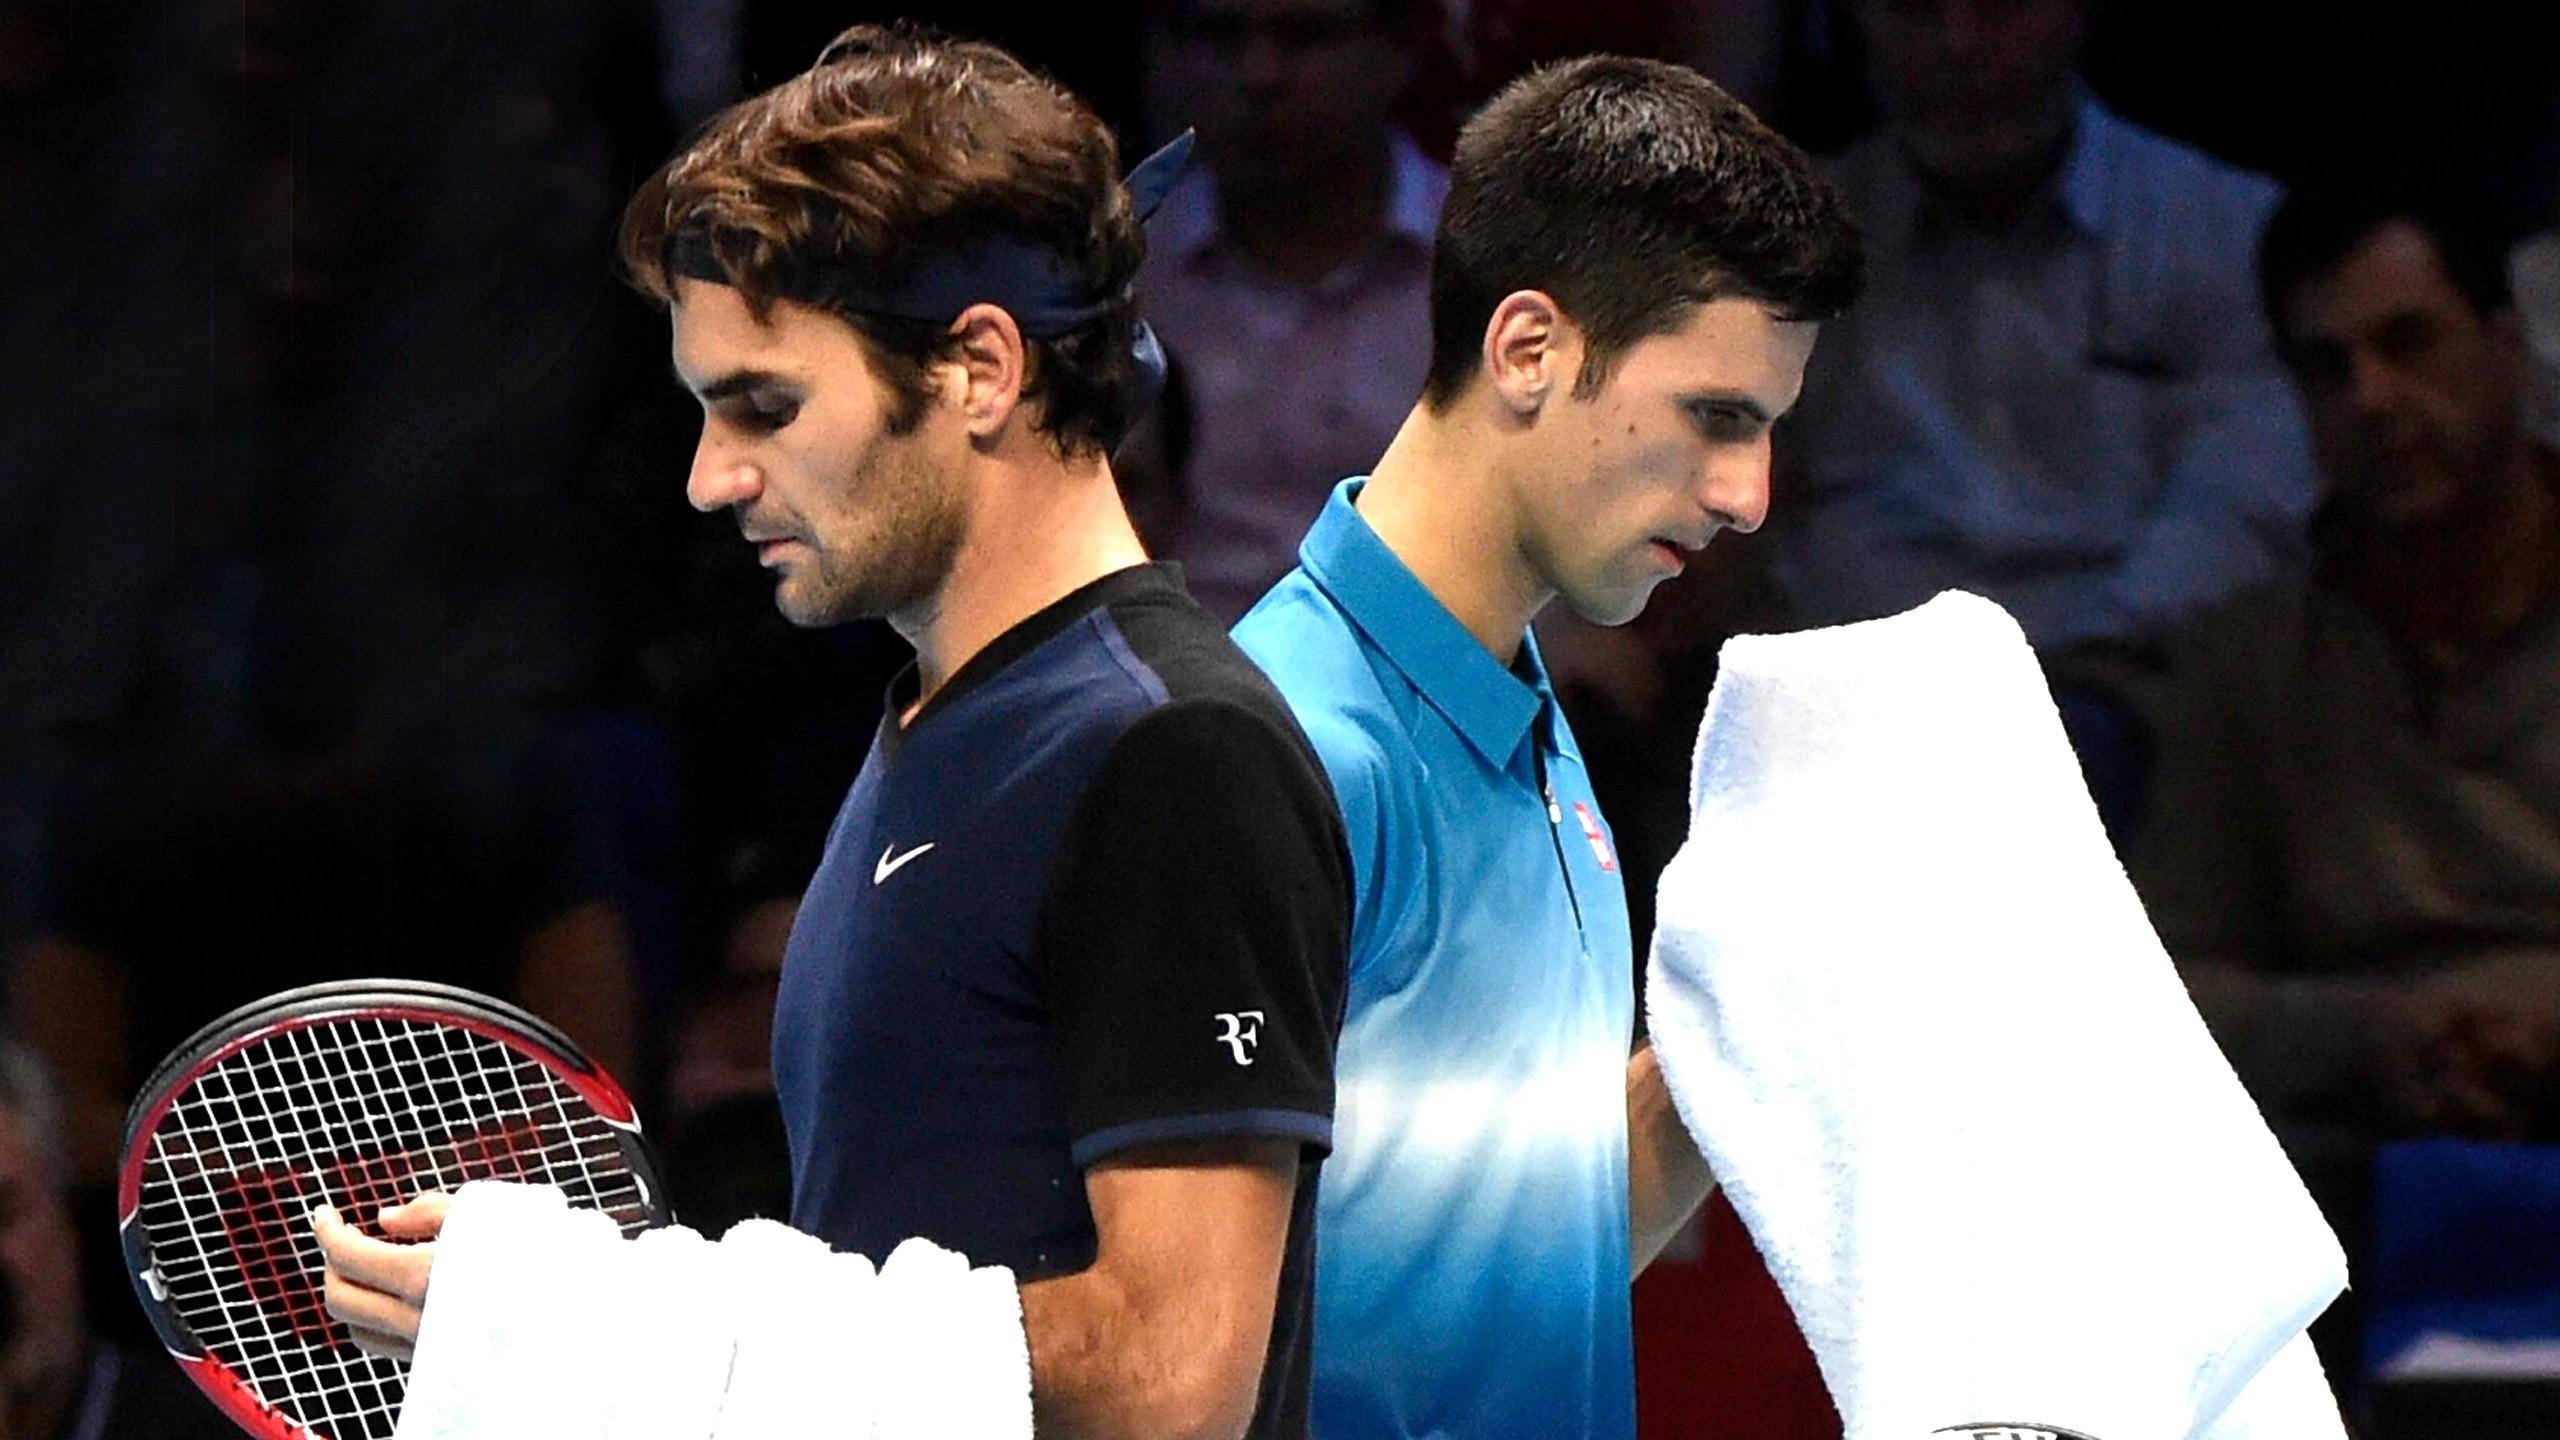 Gegner im Finale von London: Federer (li.) und Djokovic (re.)